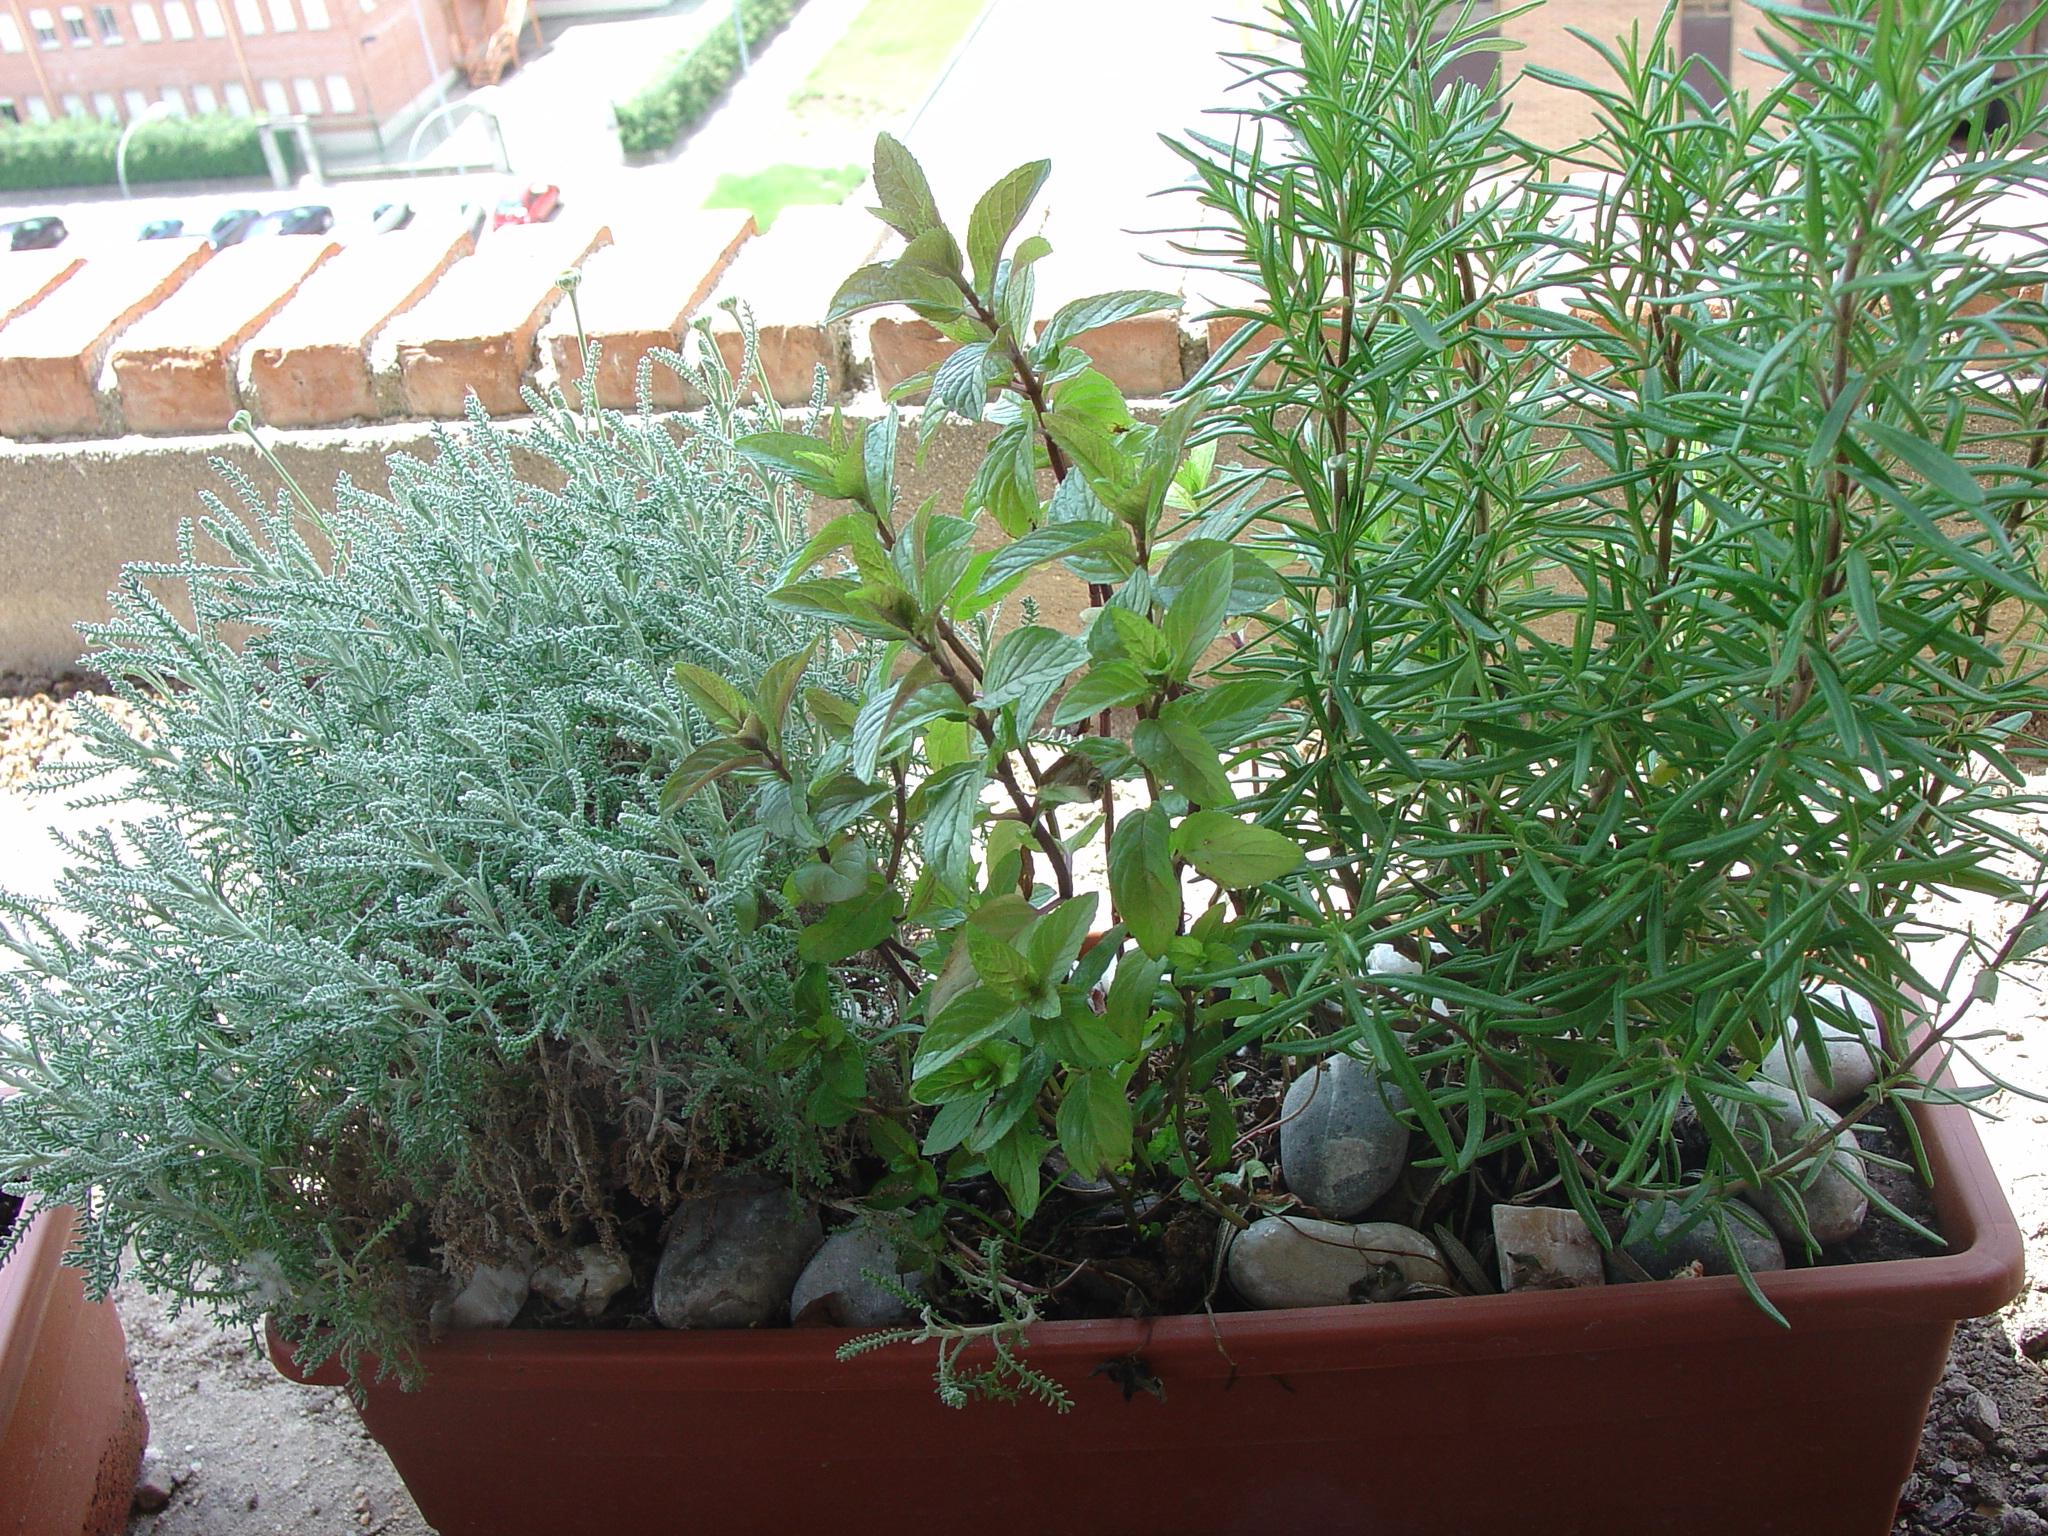 Las plantas arom ticas y medicinales plantean nuevas - Cultivo de hierbas aromaticas en casa ...